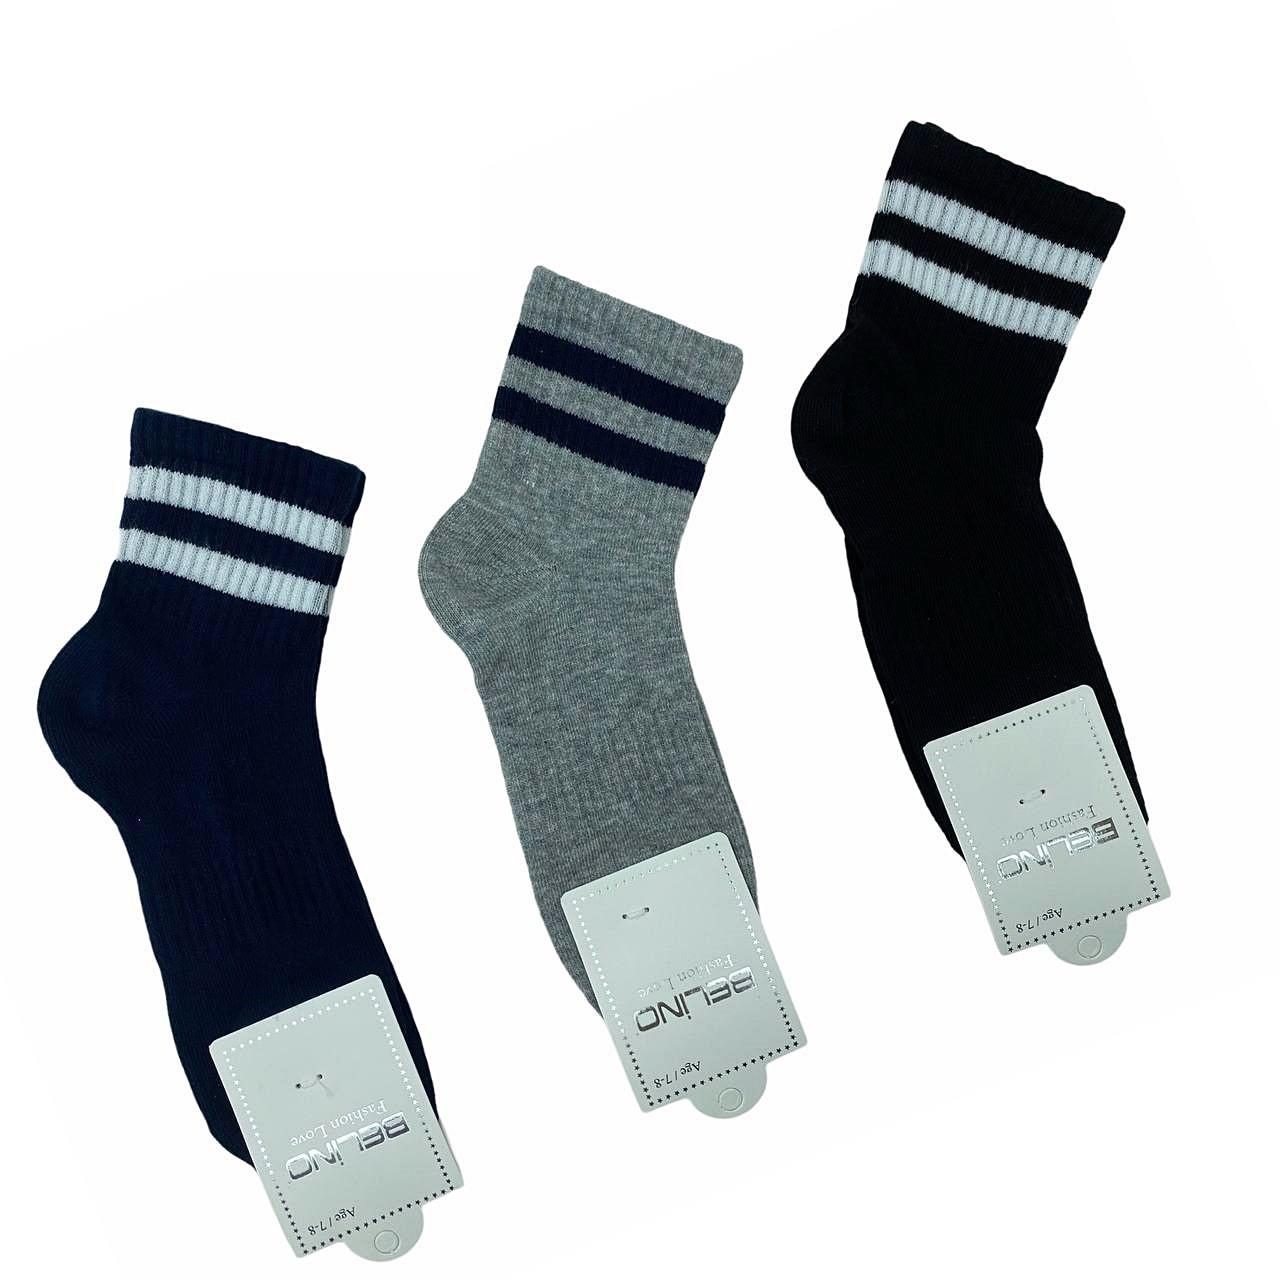 Хлопковые носки для мальчиков 11-12 лет ТМ Belino